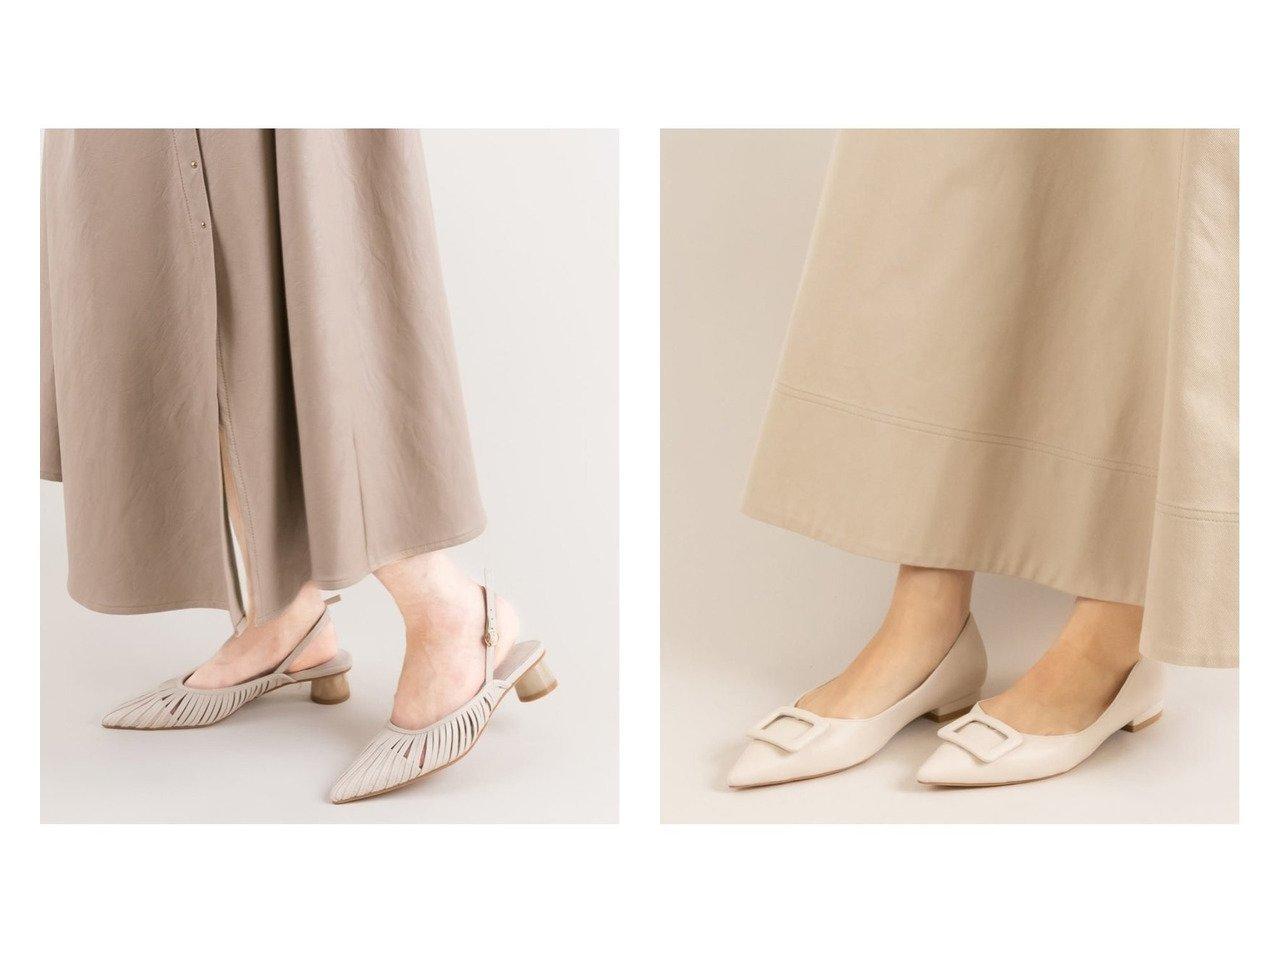 【RANDA/ランダ】のソフト スクエアパーツポインテッドトゥフラットパンプス&ソフト カッティングデザインバックストラップパンプス 【シューズ・靴】おすすめ!人気、トレンド・レディースファッションの通販 おすすめで人気の流行・トレンド、ファッションの通販商品 メンズファッション・キッズファッション・インテリア・家具・レディースファッション・服の通販 founy(ファニー) https://founy.com/ ファッション Fashion レディースファッション WOMEN バッグ Bag カッティング シューズ トレンド マーブル |ID:crp329100000035487